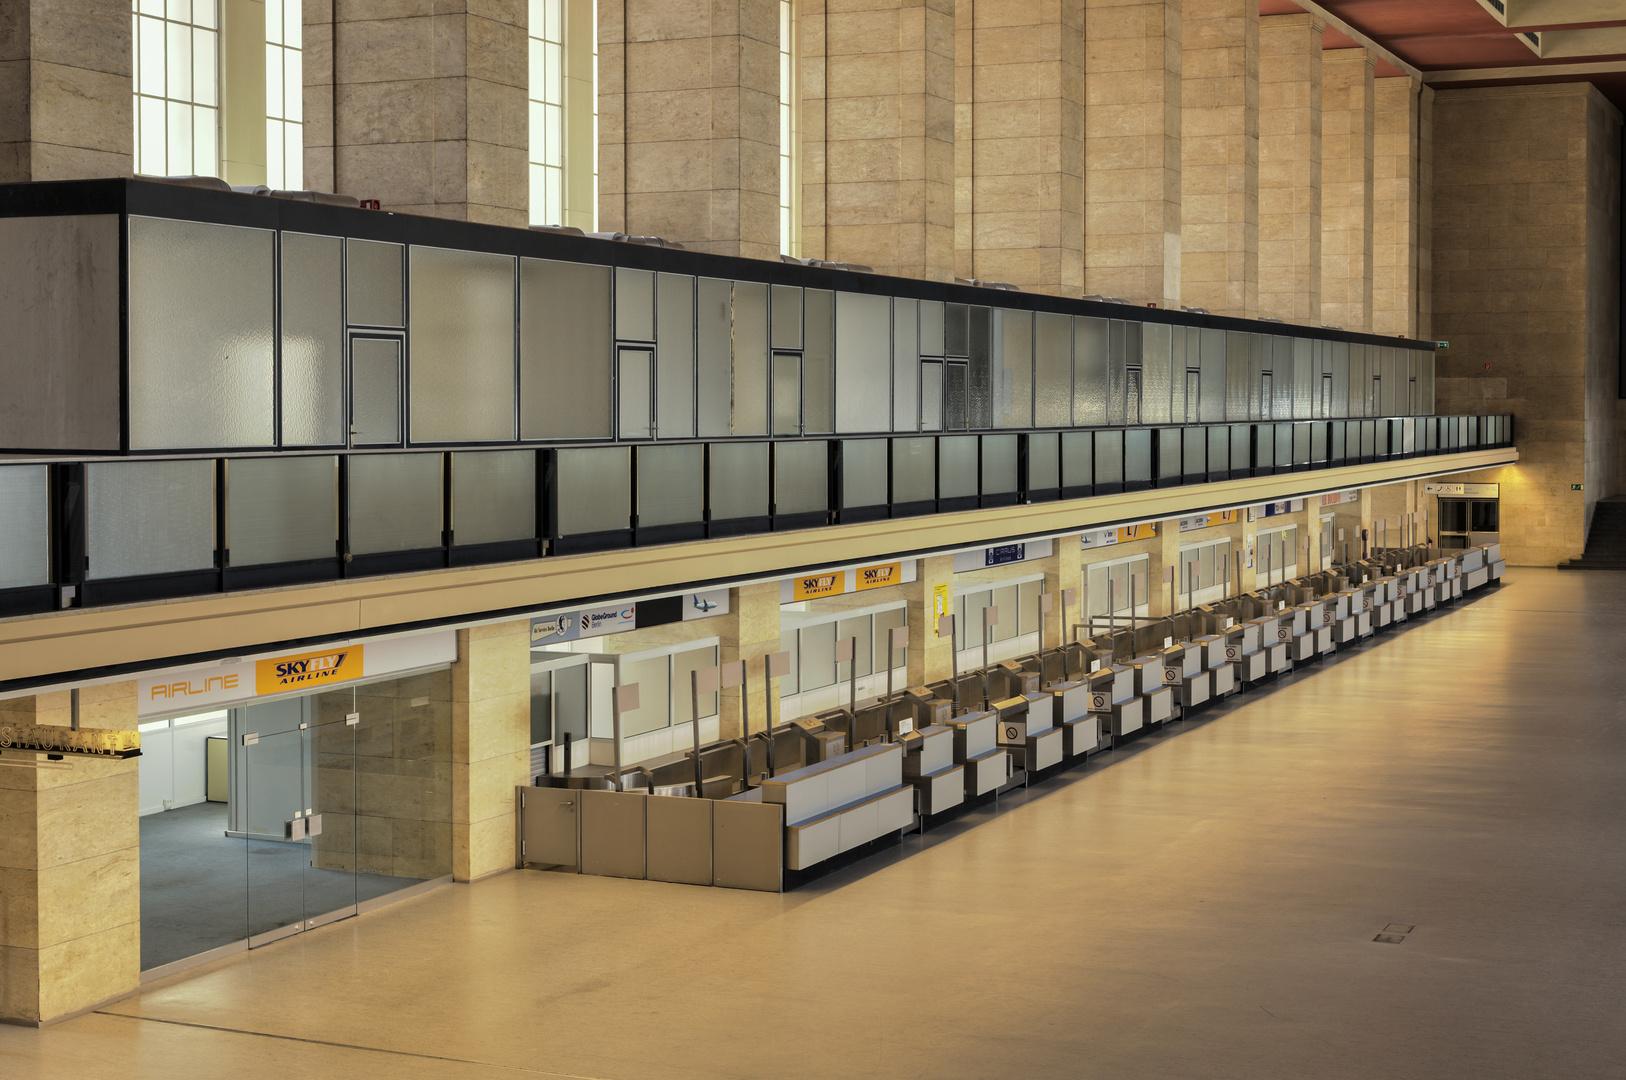 Flughafen Berlin Tempelhof (14)